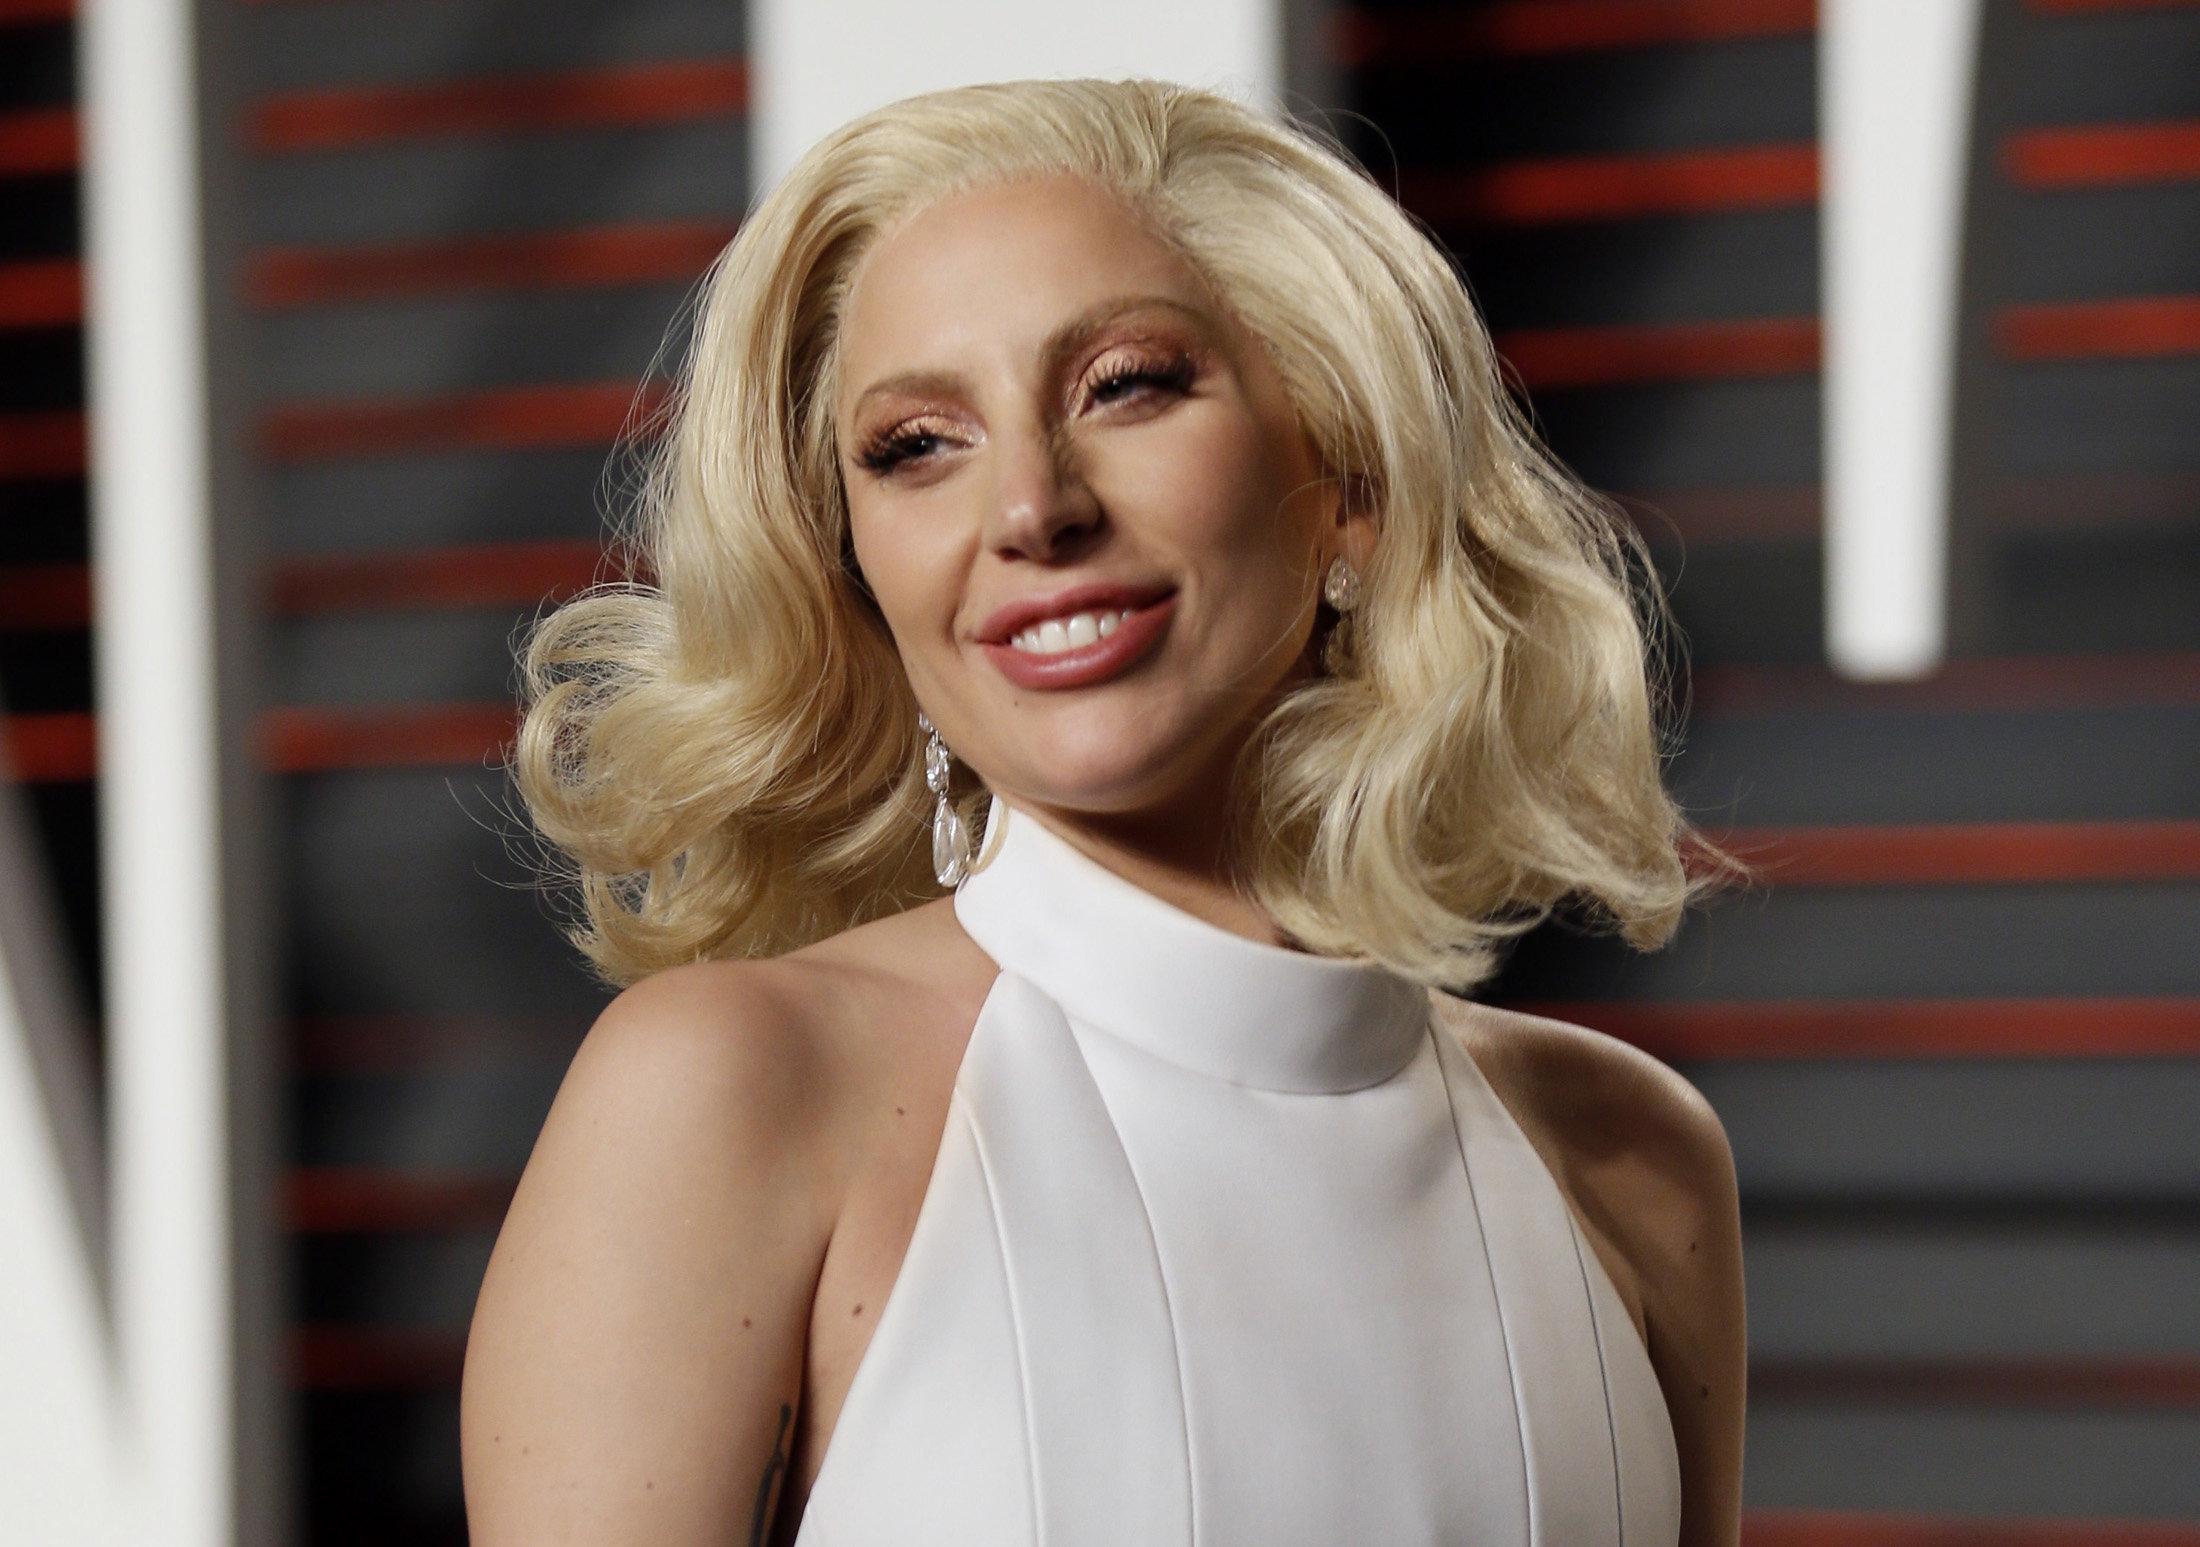 Lady Gaga arrives at the 2016 Vanity Fair Oscar Party.